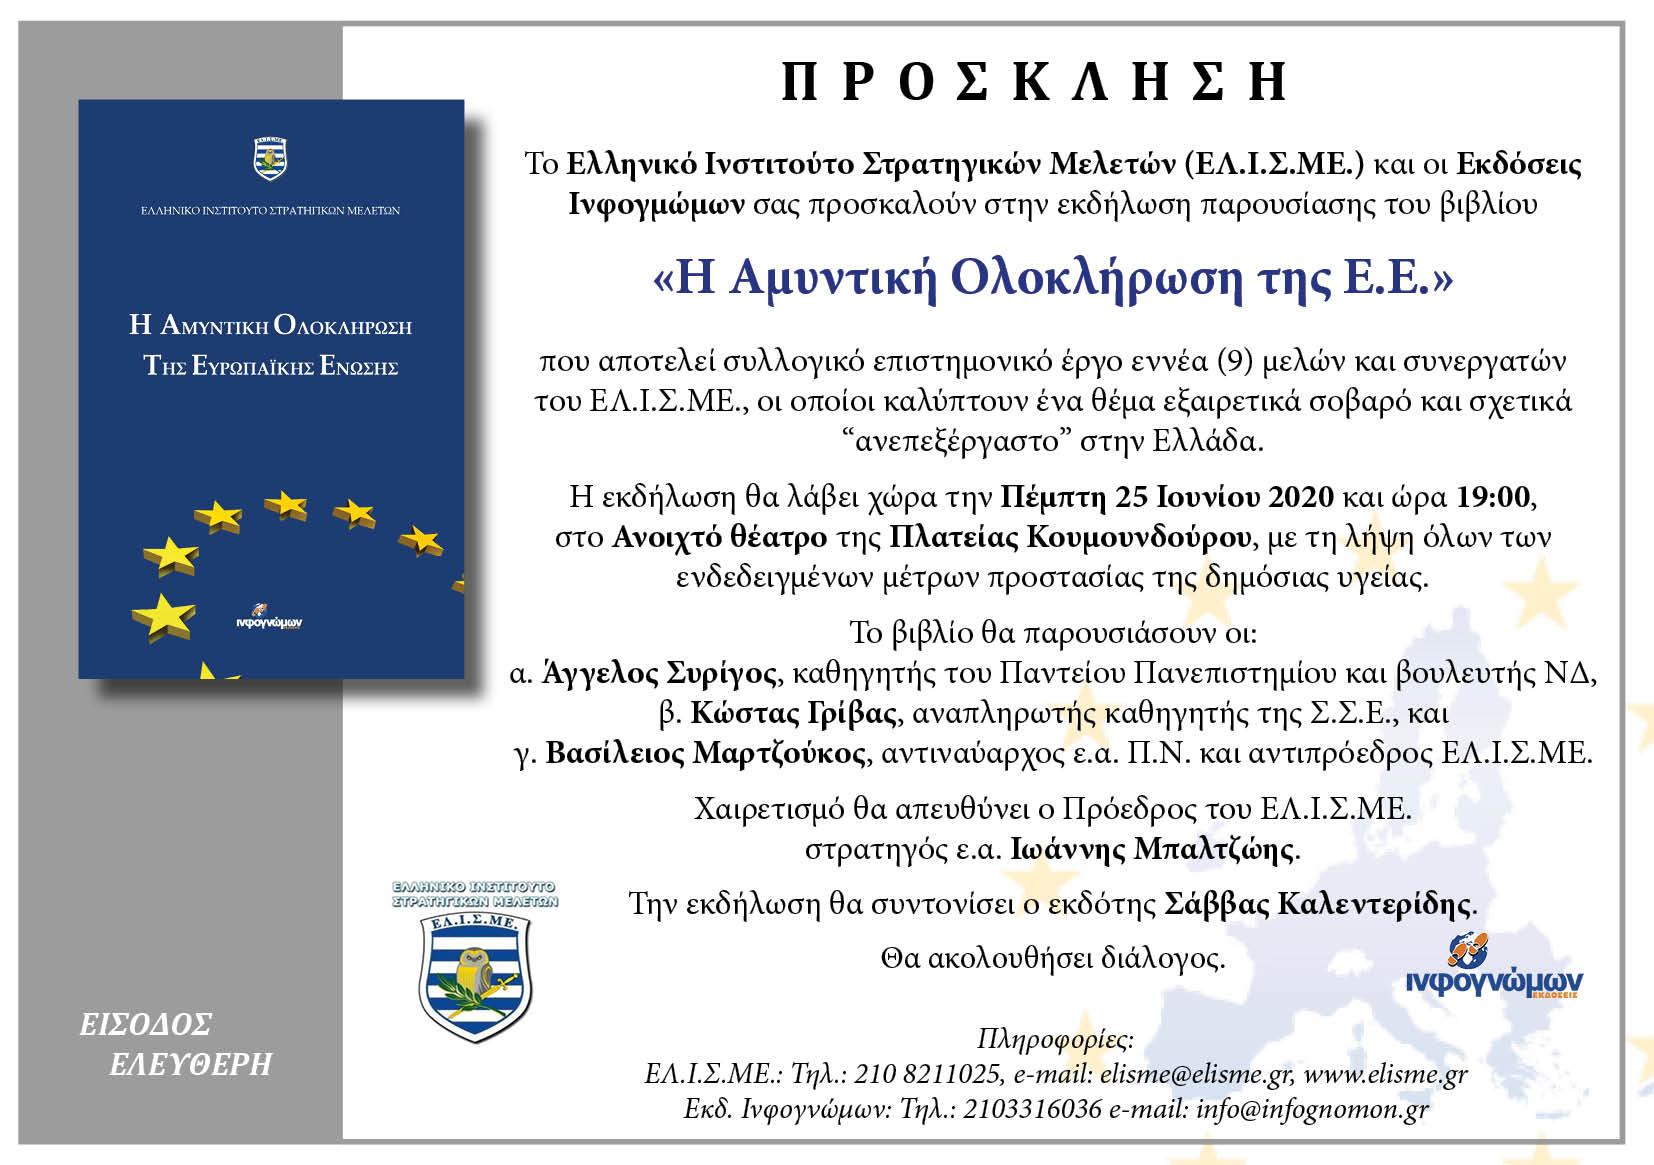 Παρουσίαση του βιβλίου «Η Αμυντική Ολοκλήρωση της Ε.Ε.» στην Αθήνα την Πέμπτη, 25 Ιουνίου, ώρα 19:00